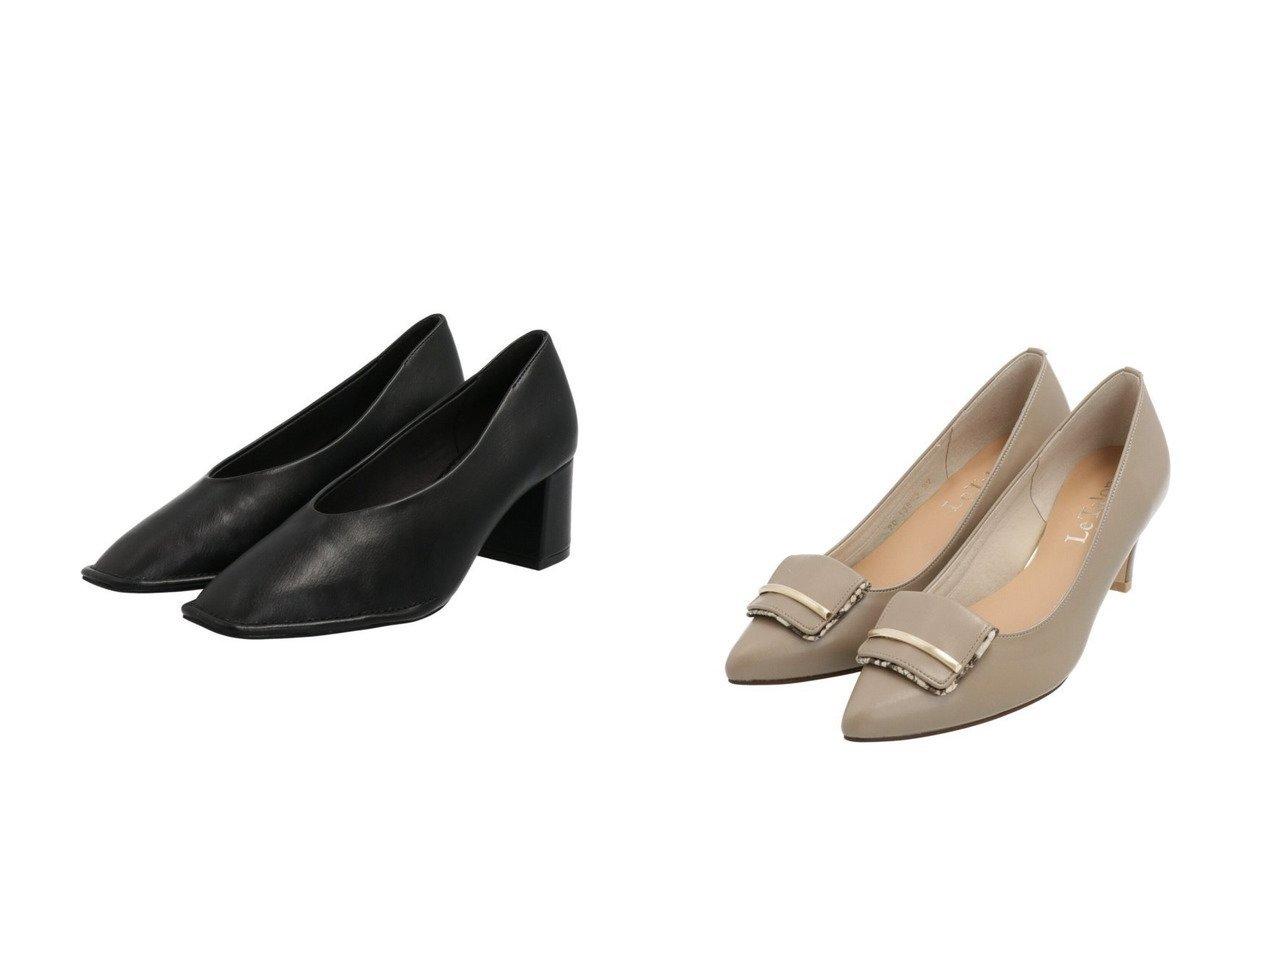 【Le Talon/ル タロン】の6cmPOキリカエプレートPS(22-25)&G5cmアウトステッチPS(22-25) シューズ・靴のおすすめ!人気、トレンド・レディースファッションの通販  おすすめで人気の流行・トレンド、ファッションの通販商品 メンズファッション・キッズファッション・インテリア・家具・レディースファッション・服の通販 founy(ファニー) https://founy.com/ ファッション Fashion レディースファッション WOMEN 2020年 2020 2020-2021 秋冬 A/W AW Autumn/Winter / FW Fall-Winter 2020-2021 A/W 秋冬 AW Autumn/Winter / FW Fall-Winter インソール クッション シューズ ワイド バランス プレート 秋 Autumn/Fall |ID:crp329100000010830